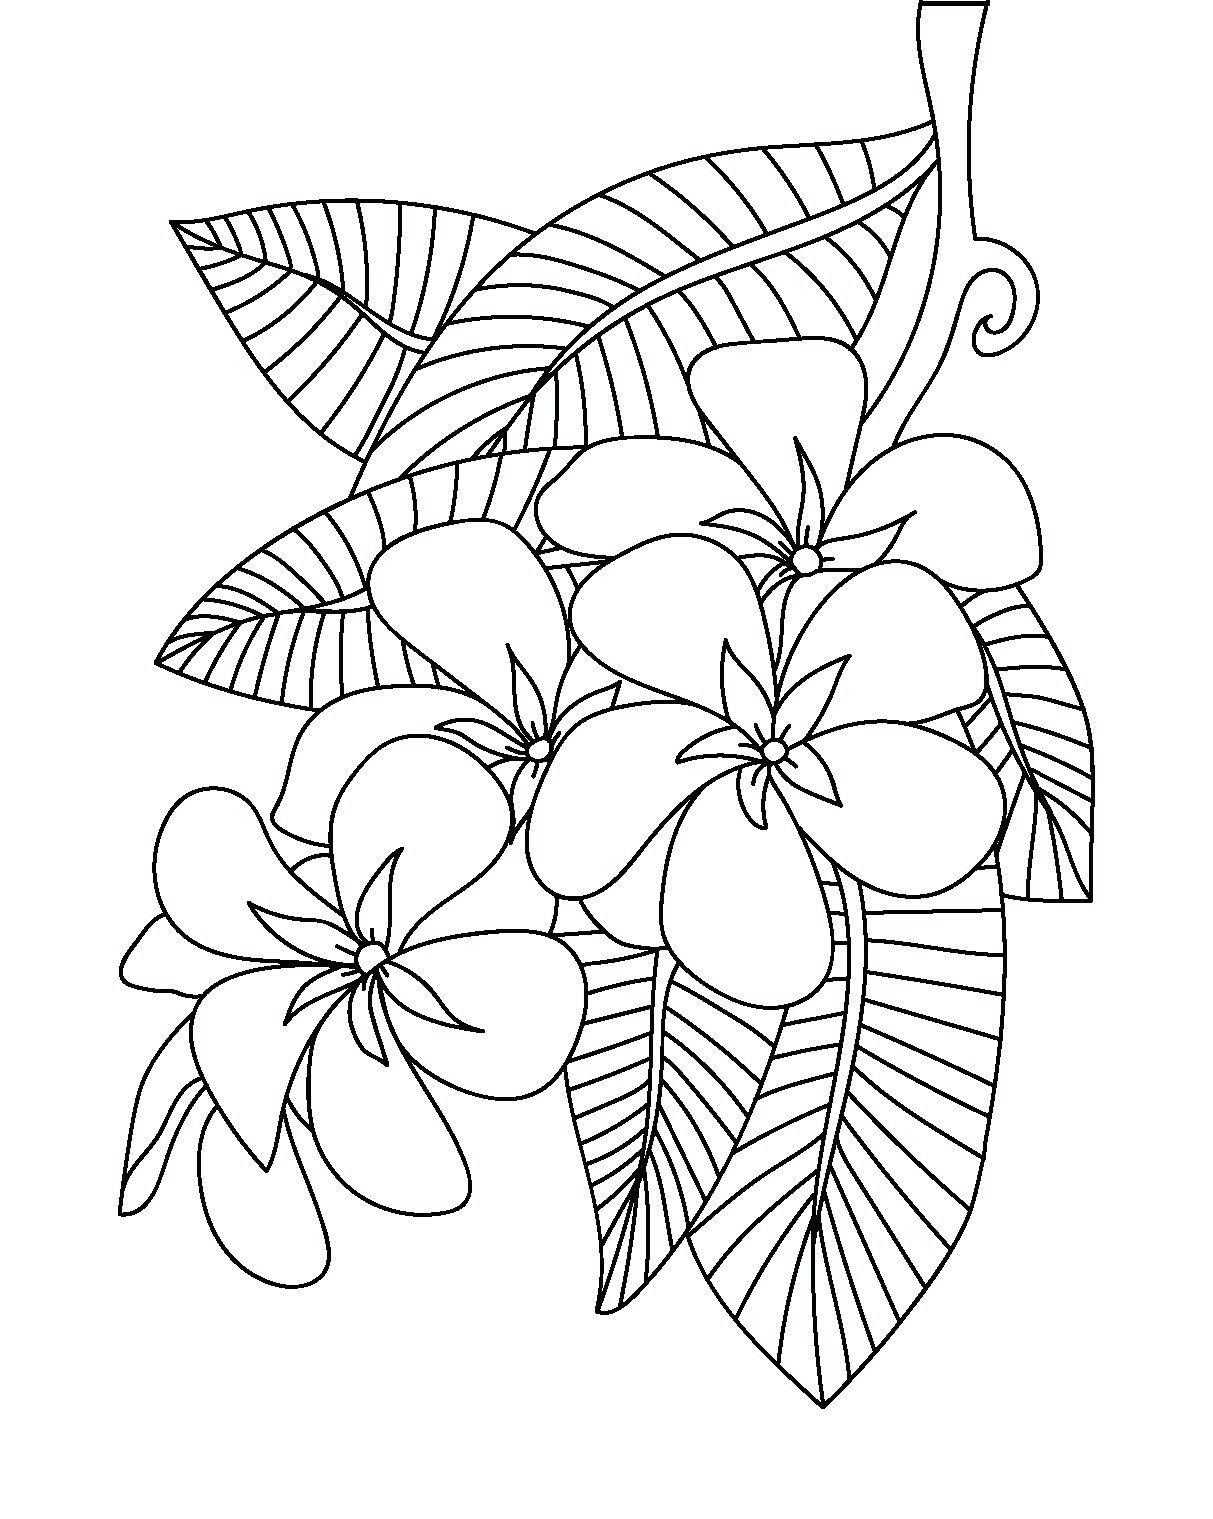 Disegni Da Colorare Fiori Hawaiani Colorarest